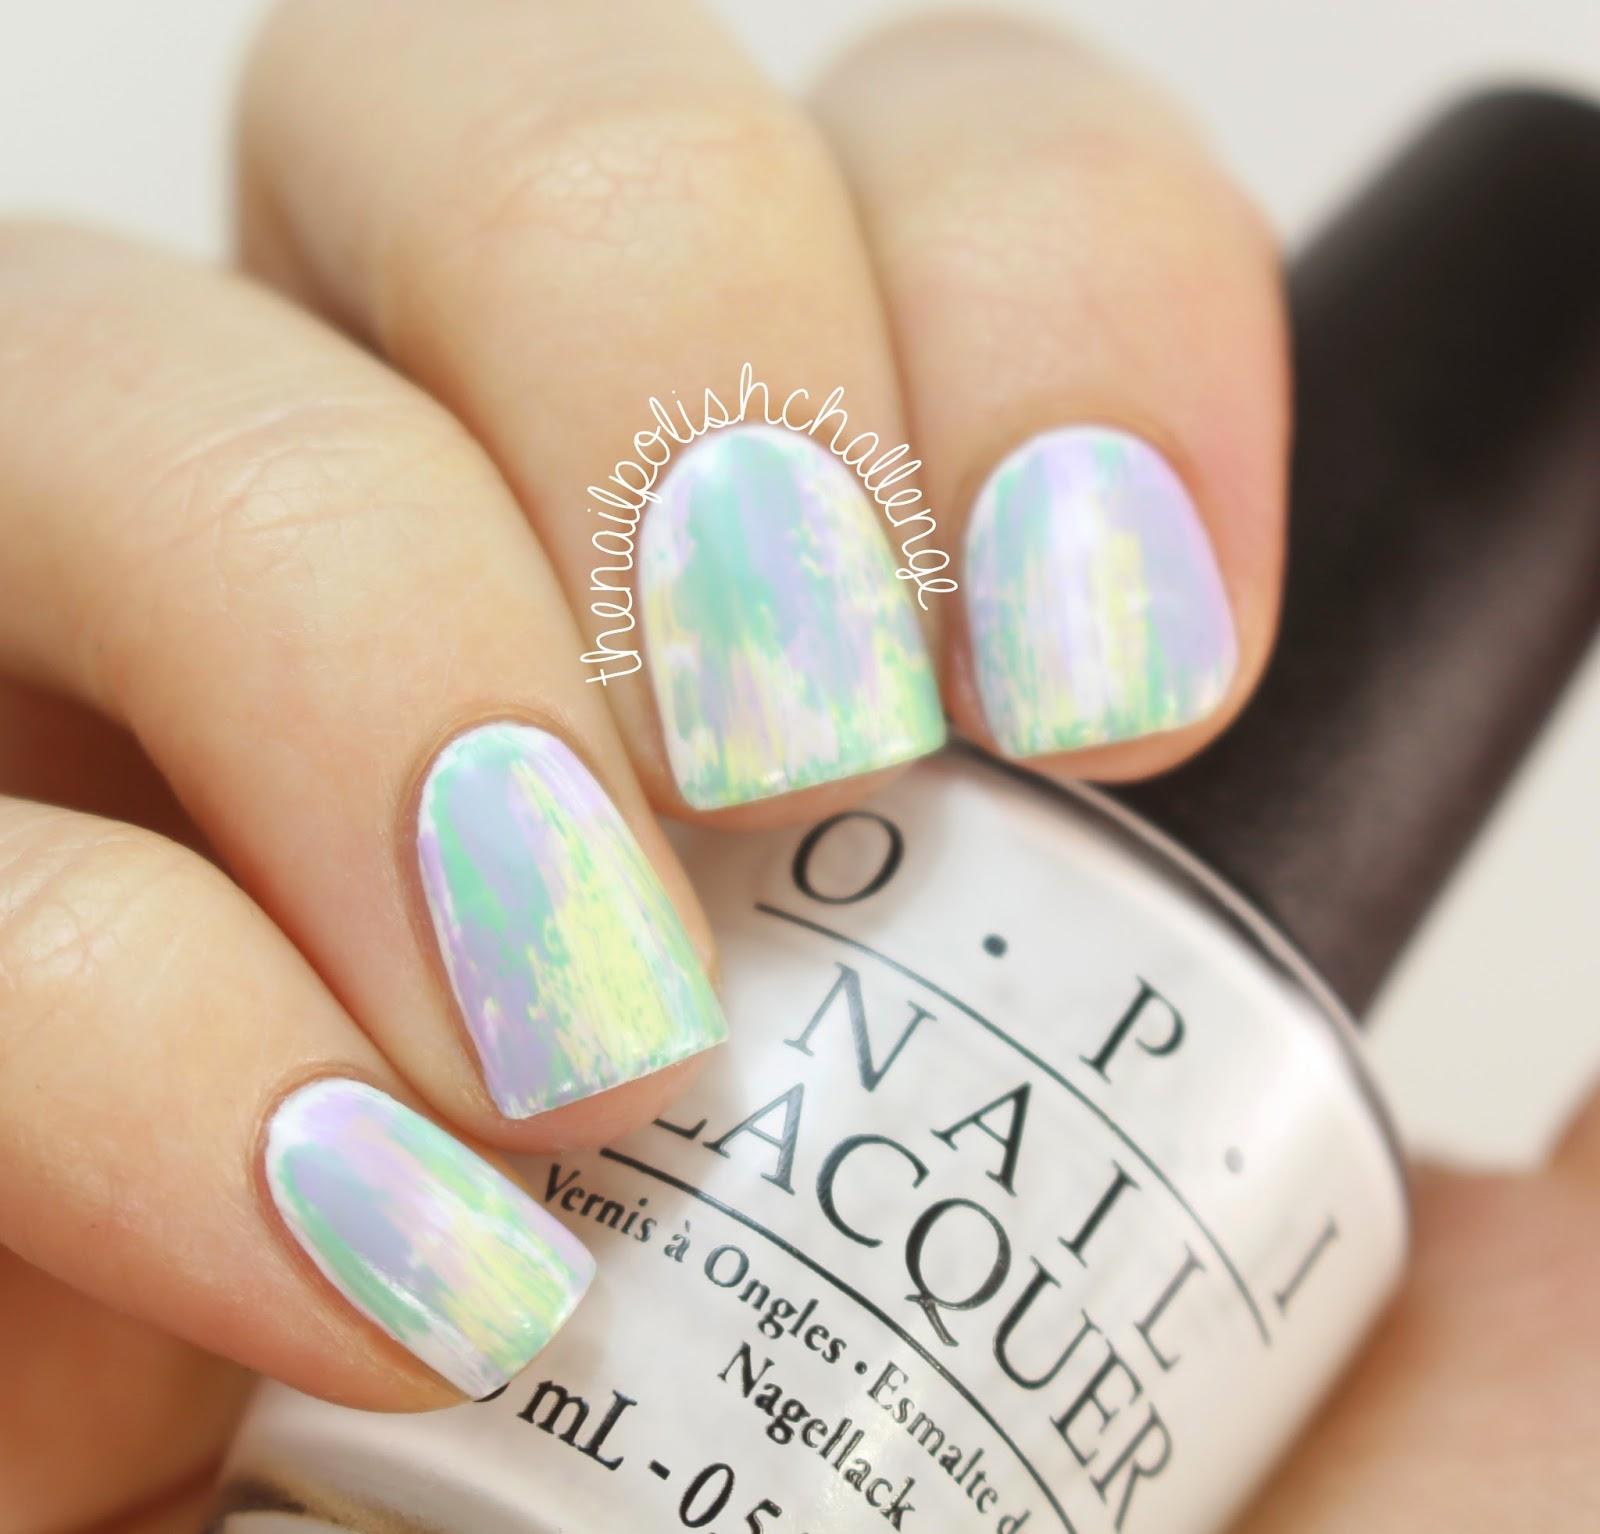 Kelli marissa spring brushstroke nail art spring brushstroke nail art prinsesfo Images